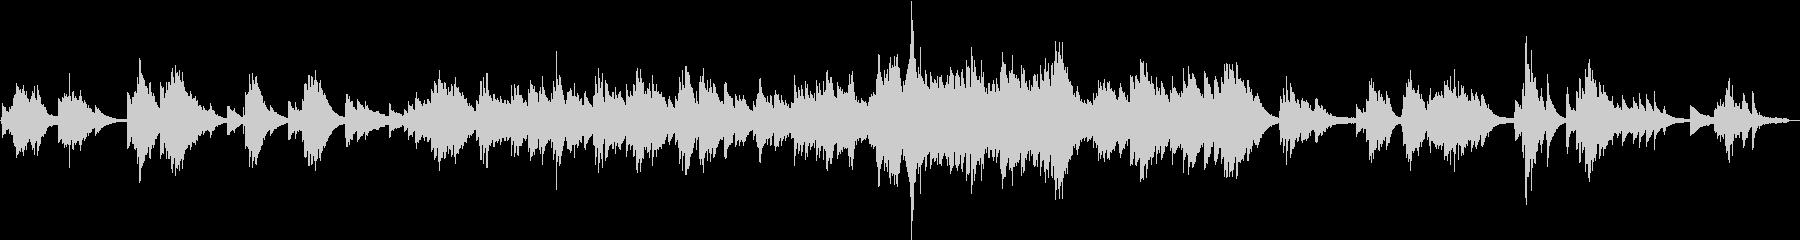 ノーブルな雰囲気のピアノ小曲の未再生の波形